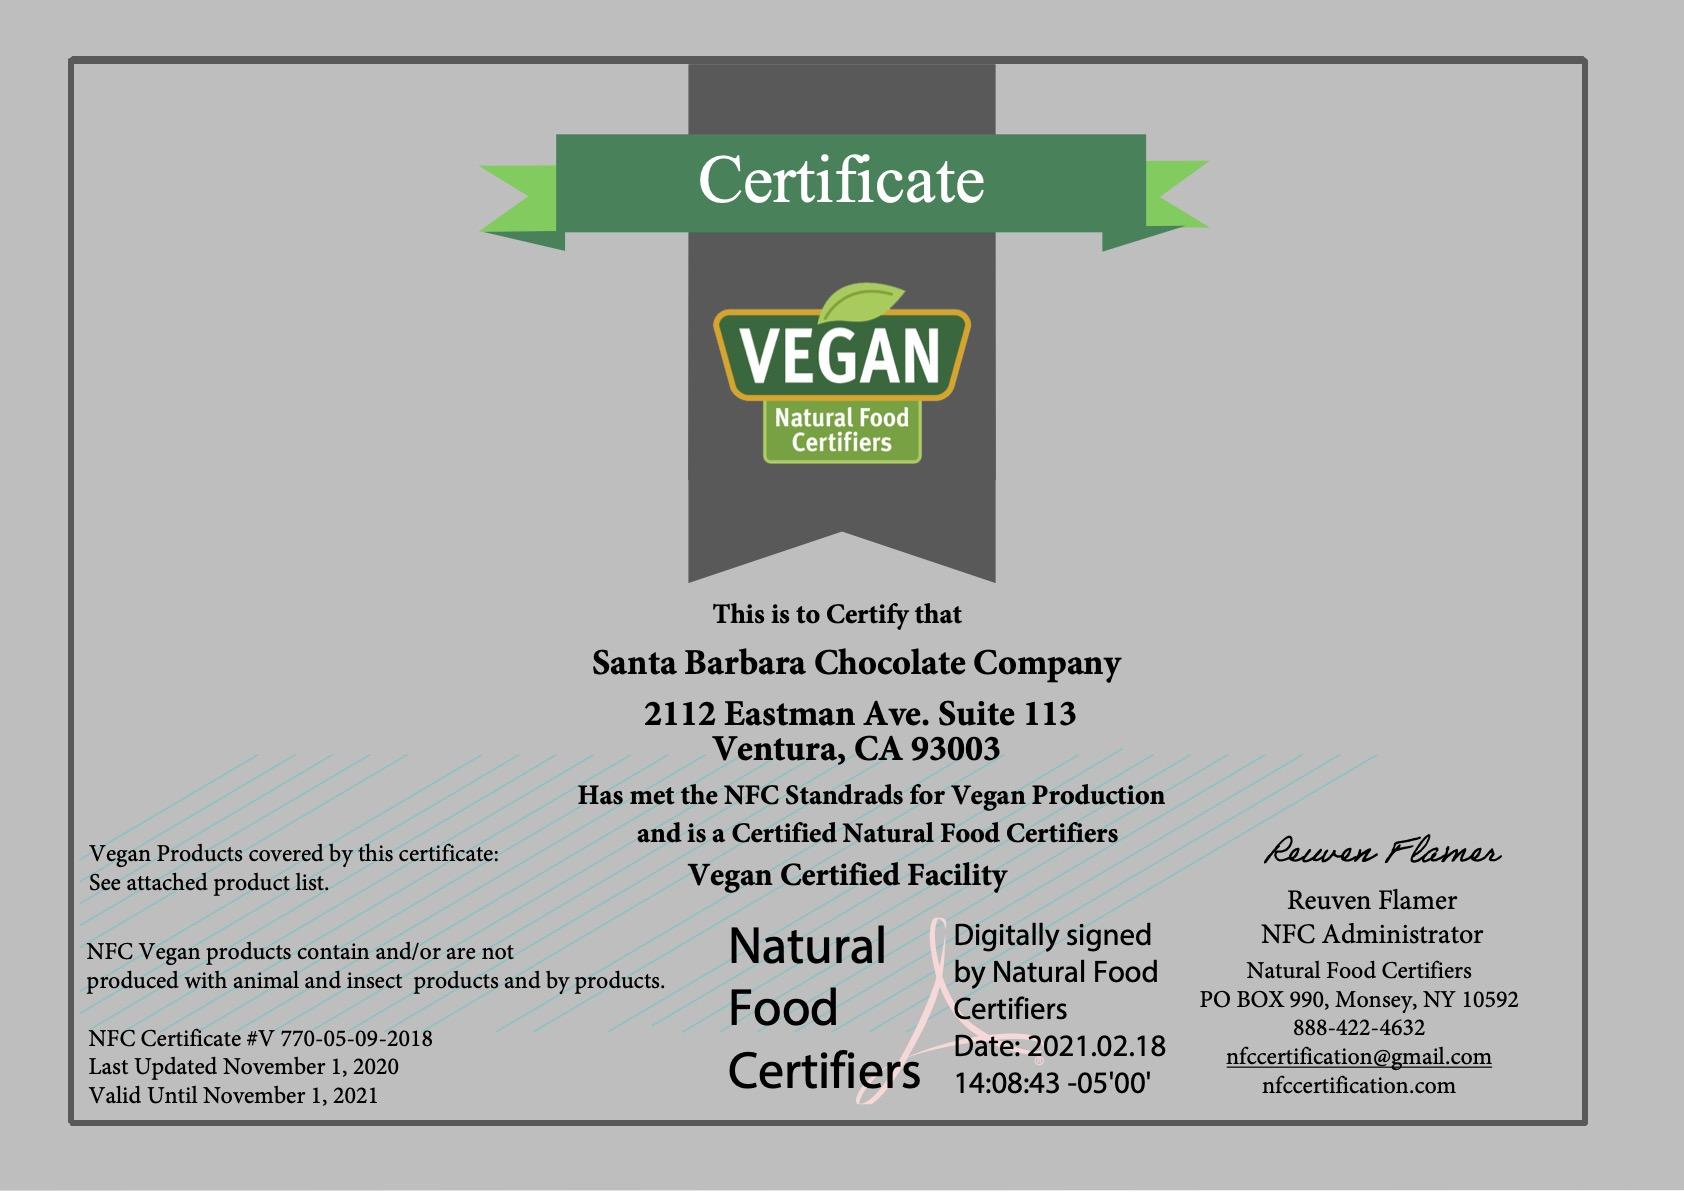 santa-barbara-chocolate-vegan-certificate-2021-1.jpg